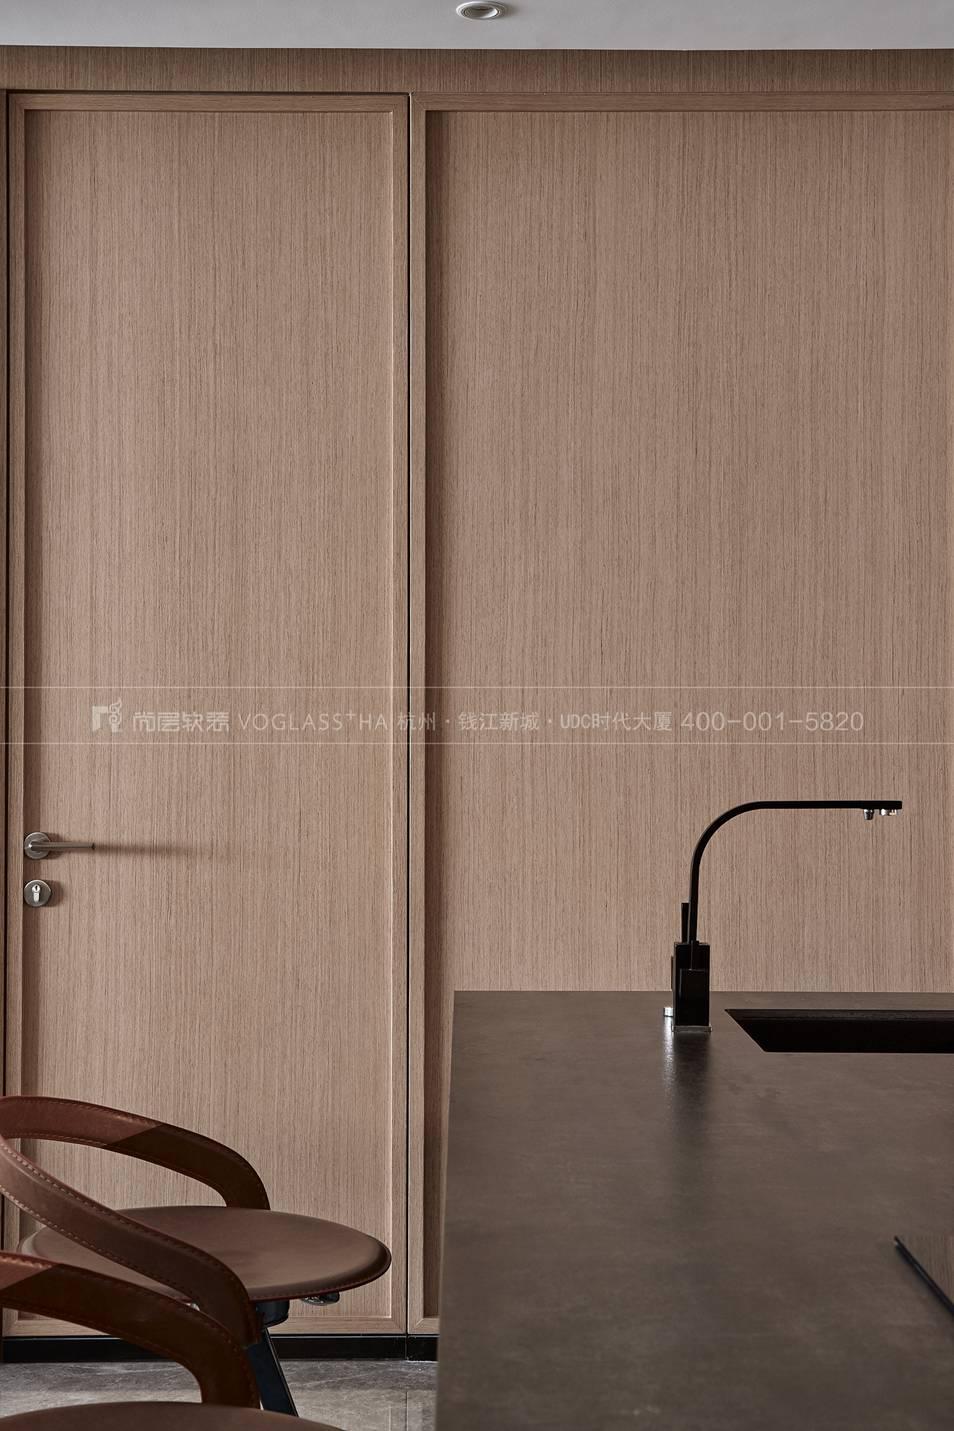 杭州軟裝公司-現代軟裝風格實景圖案例-杭州尚層軟裝